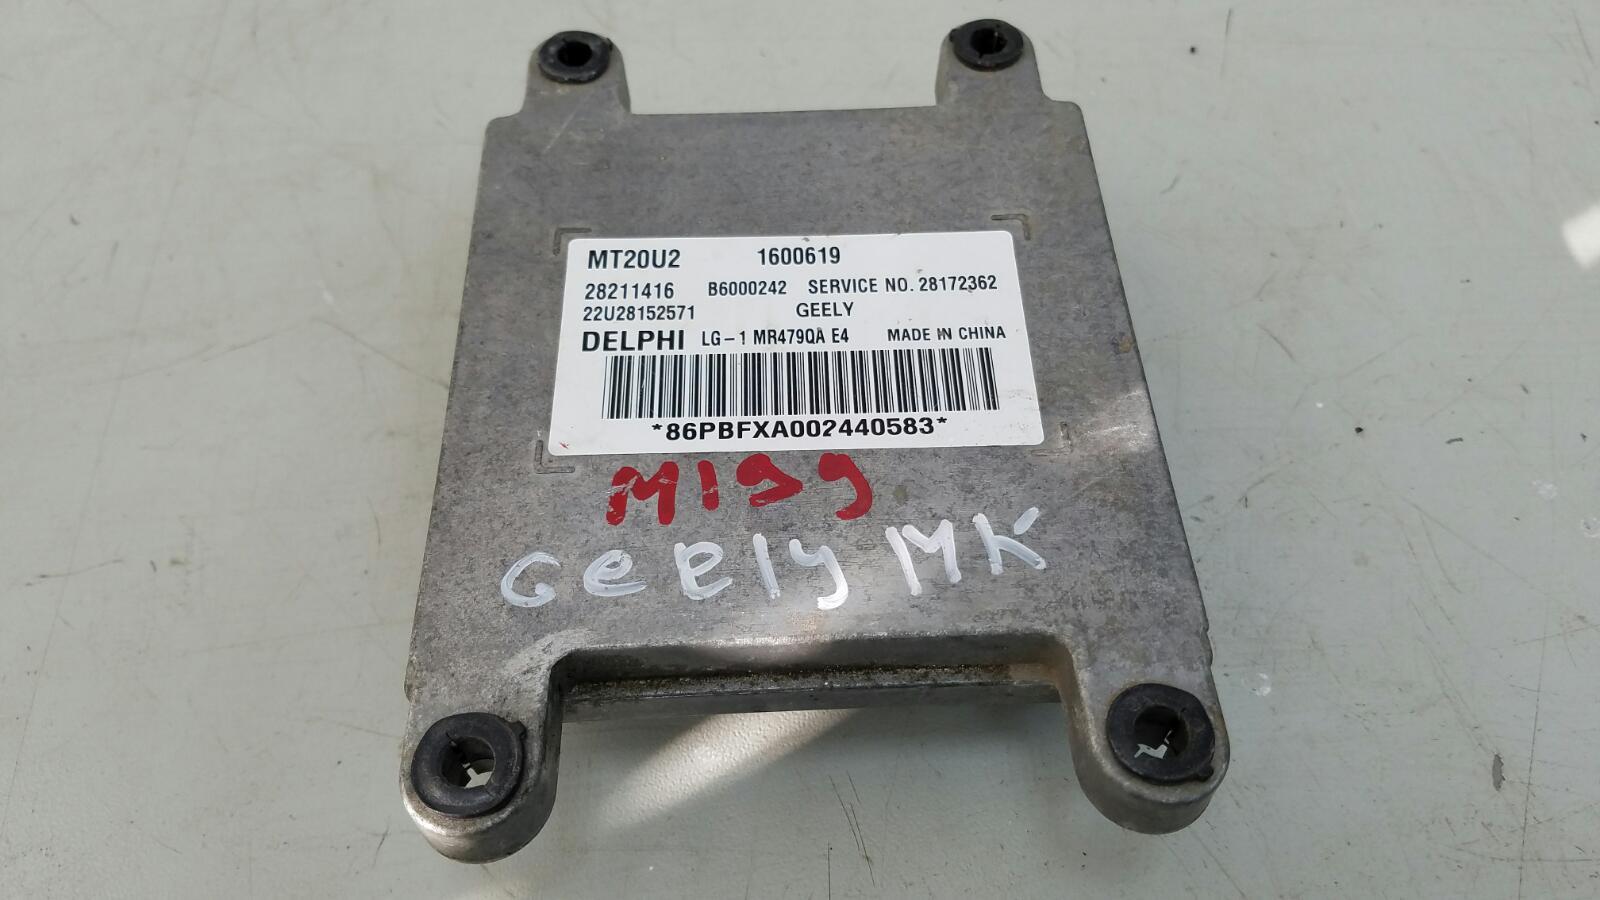 Блок управления двигателем двс эбу Geely Mk MR479QA 1 2012